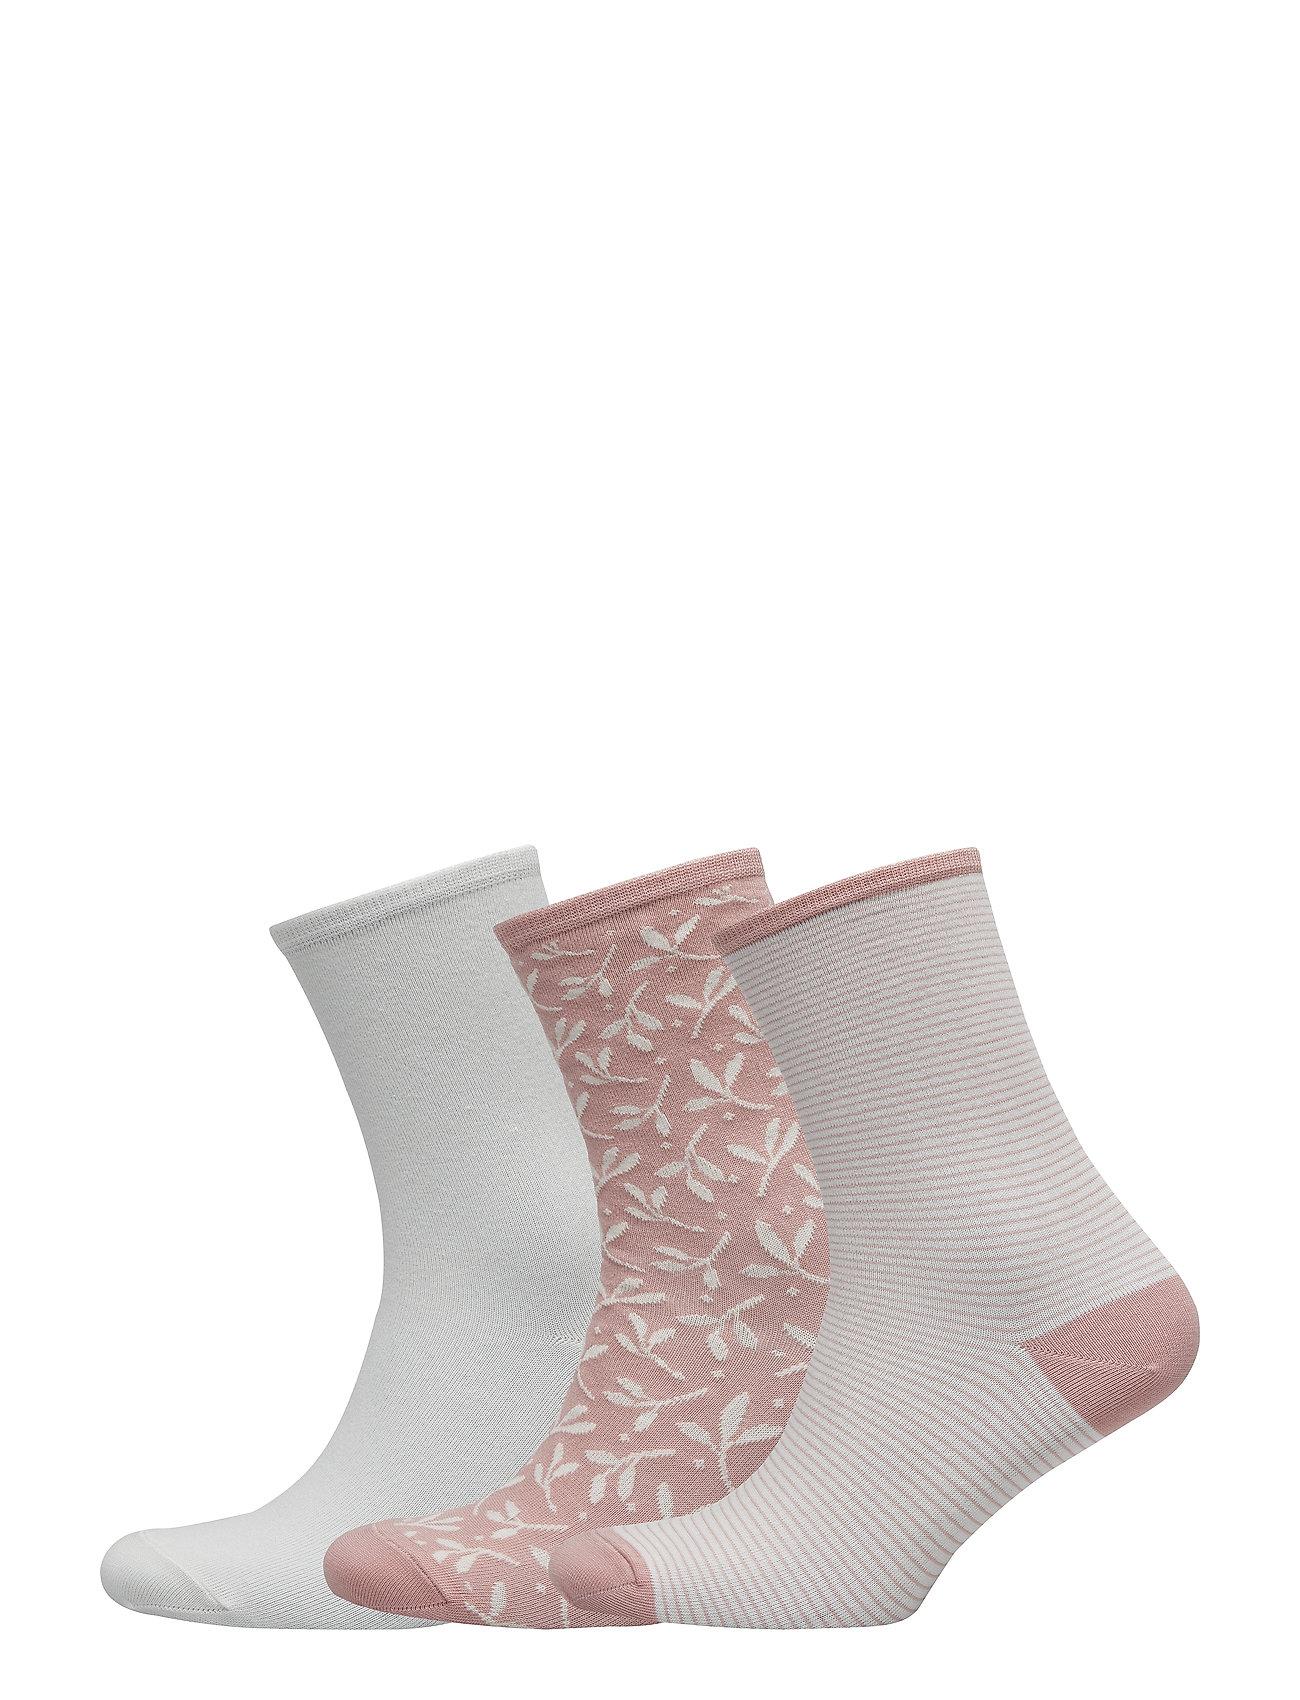 Vogue Ladies anklesock, Twig Socks, 3-pack